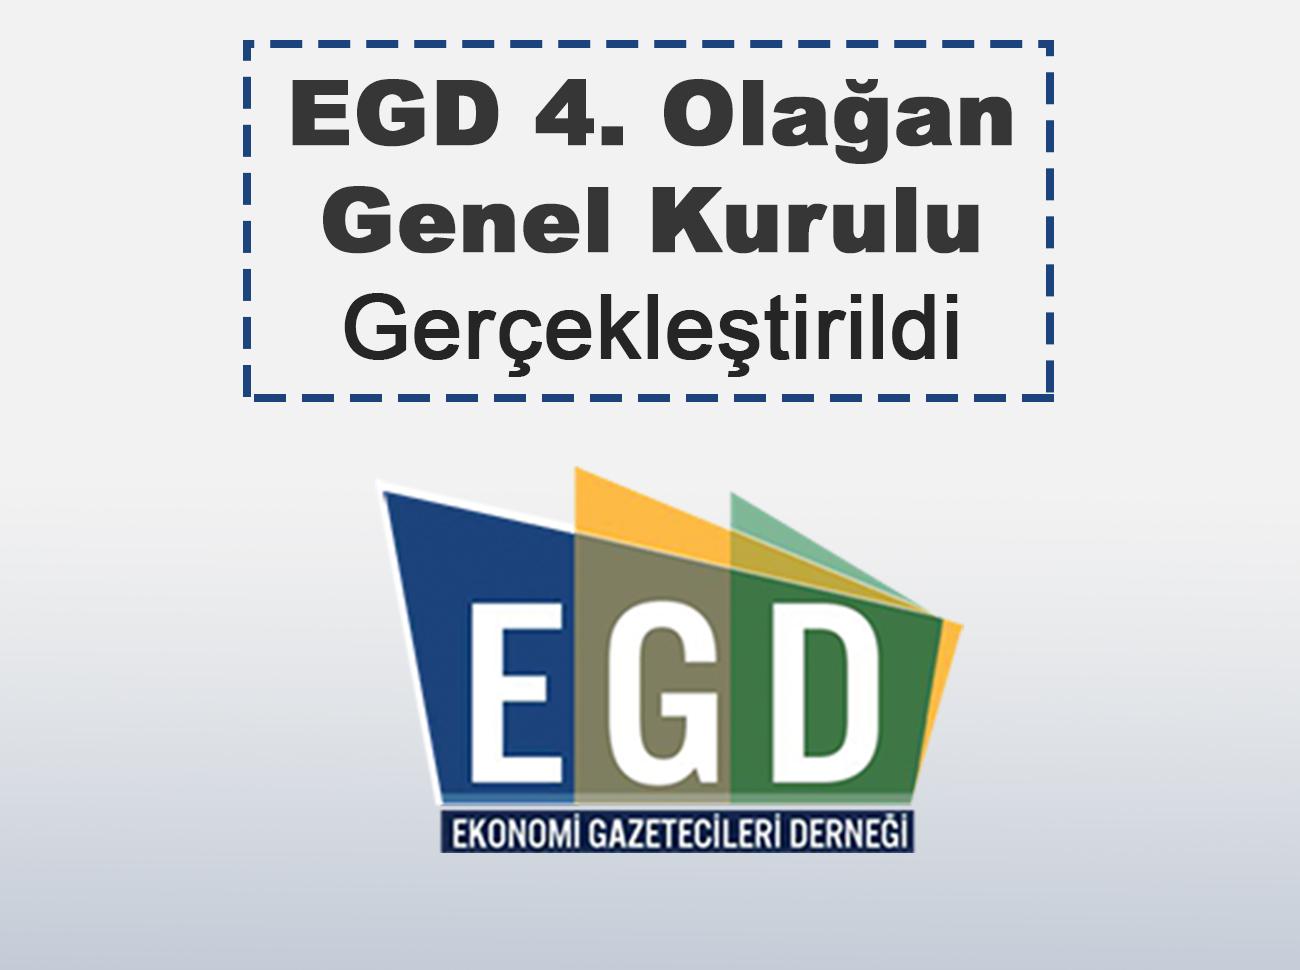 EGD 4. Olağan Genel Kurulu Gerçekleştirildi